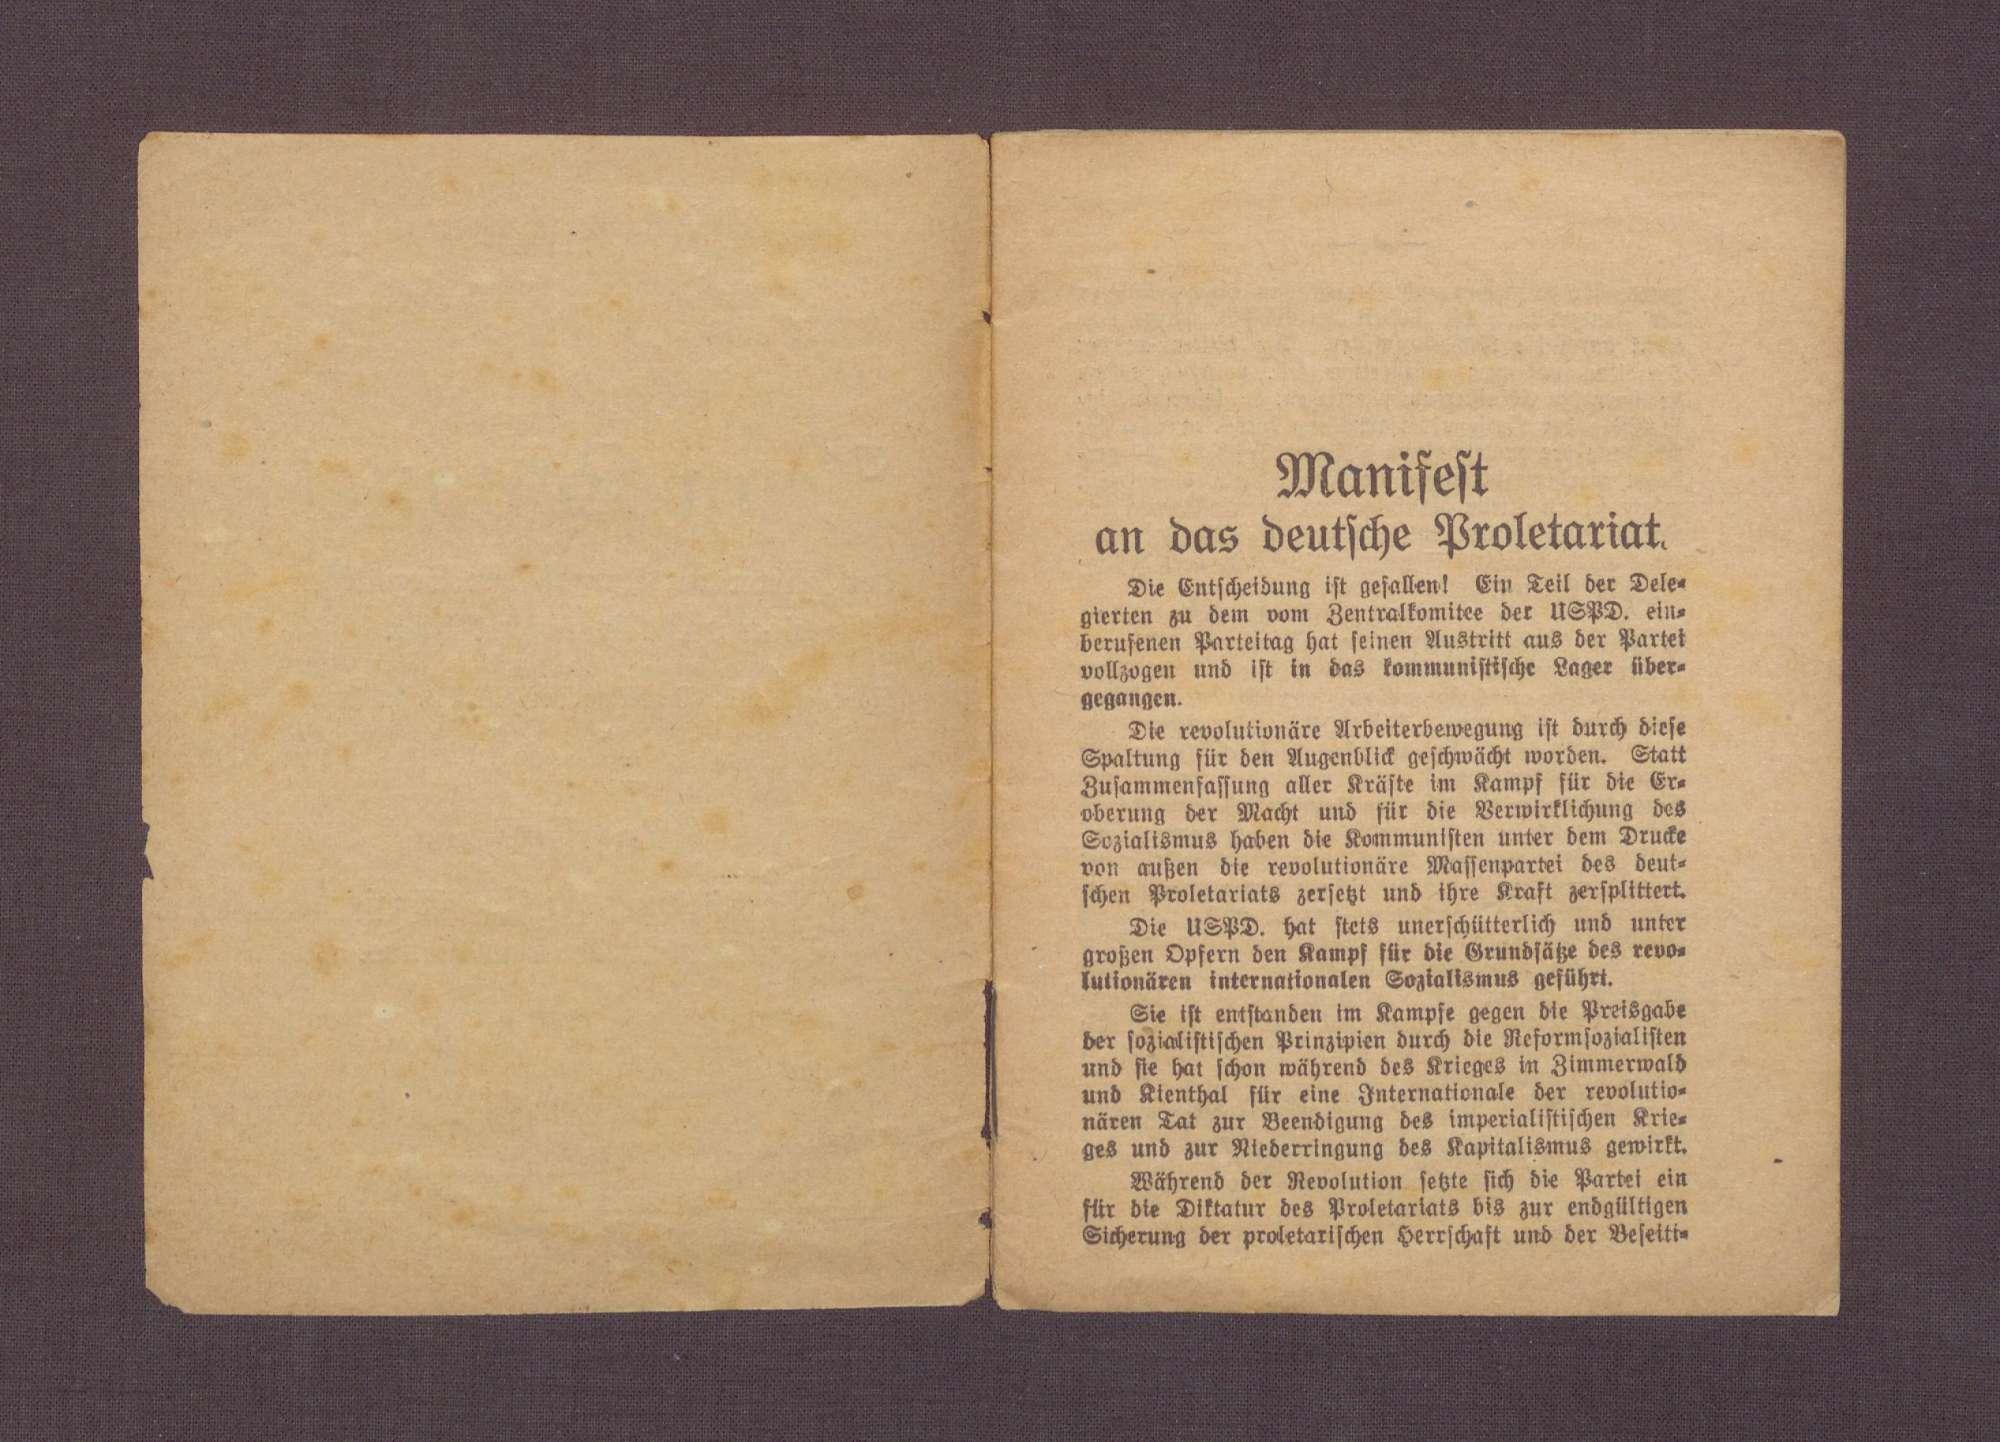 """Broschüre: """"Jean Longuet, Führer der französischen Sozialisten, über das Moskauer Diktat."""", Rede auf dem Parteitag der USPD in Halle, 1920/21, Bild 3"""